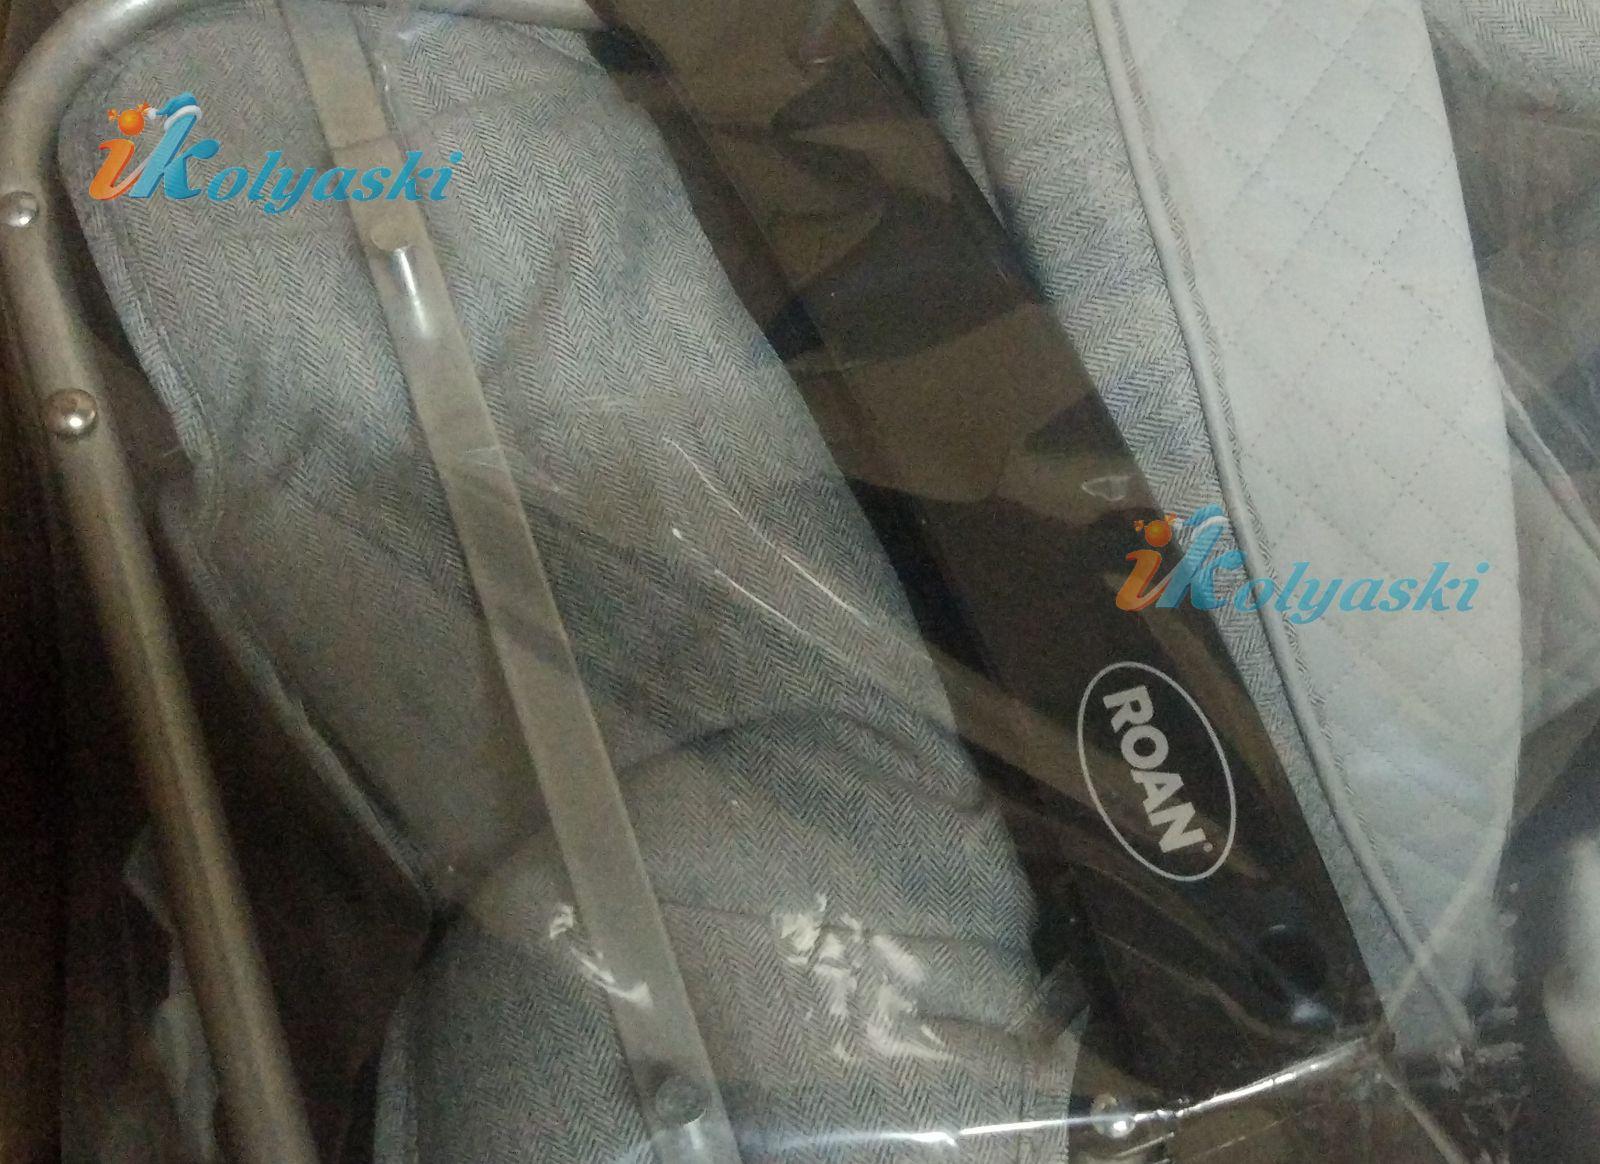 Roan Emma Е-195 серая ткань деним джинсовая комбинирована с серой экокожей, простеганной в ромбик